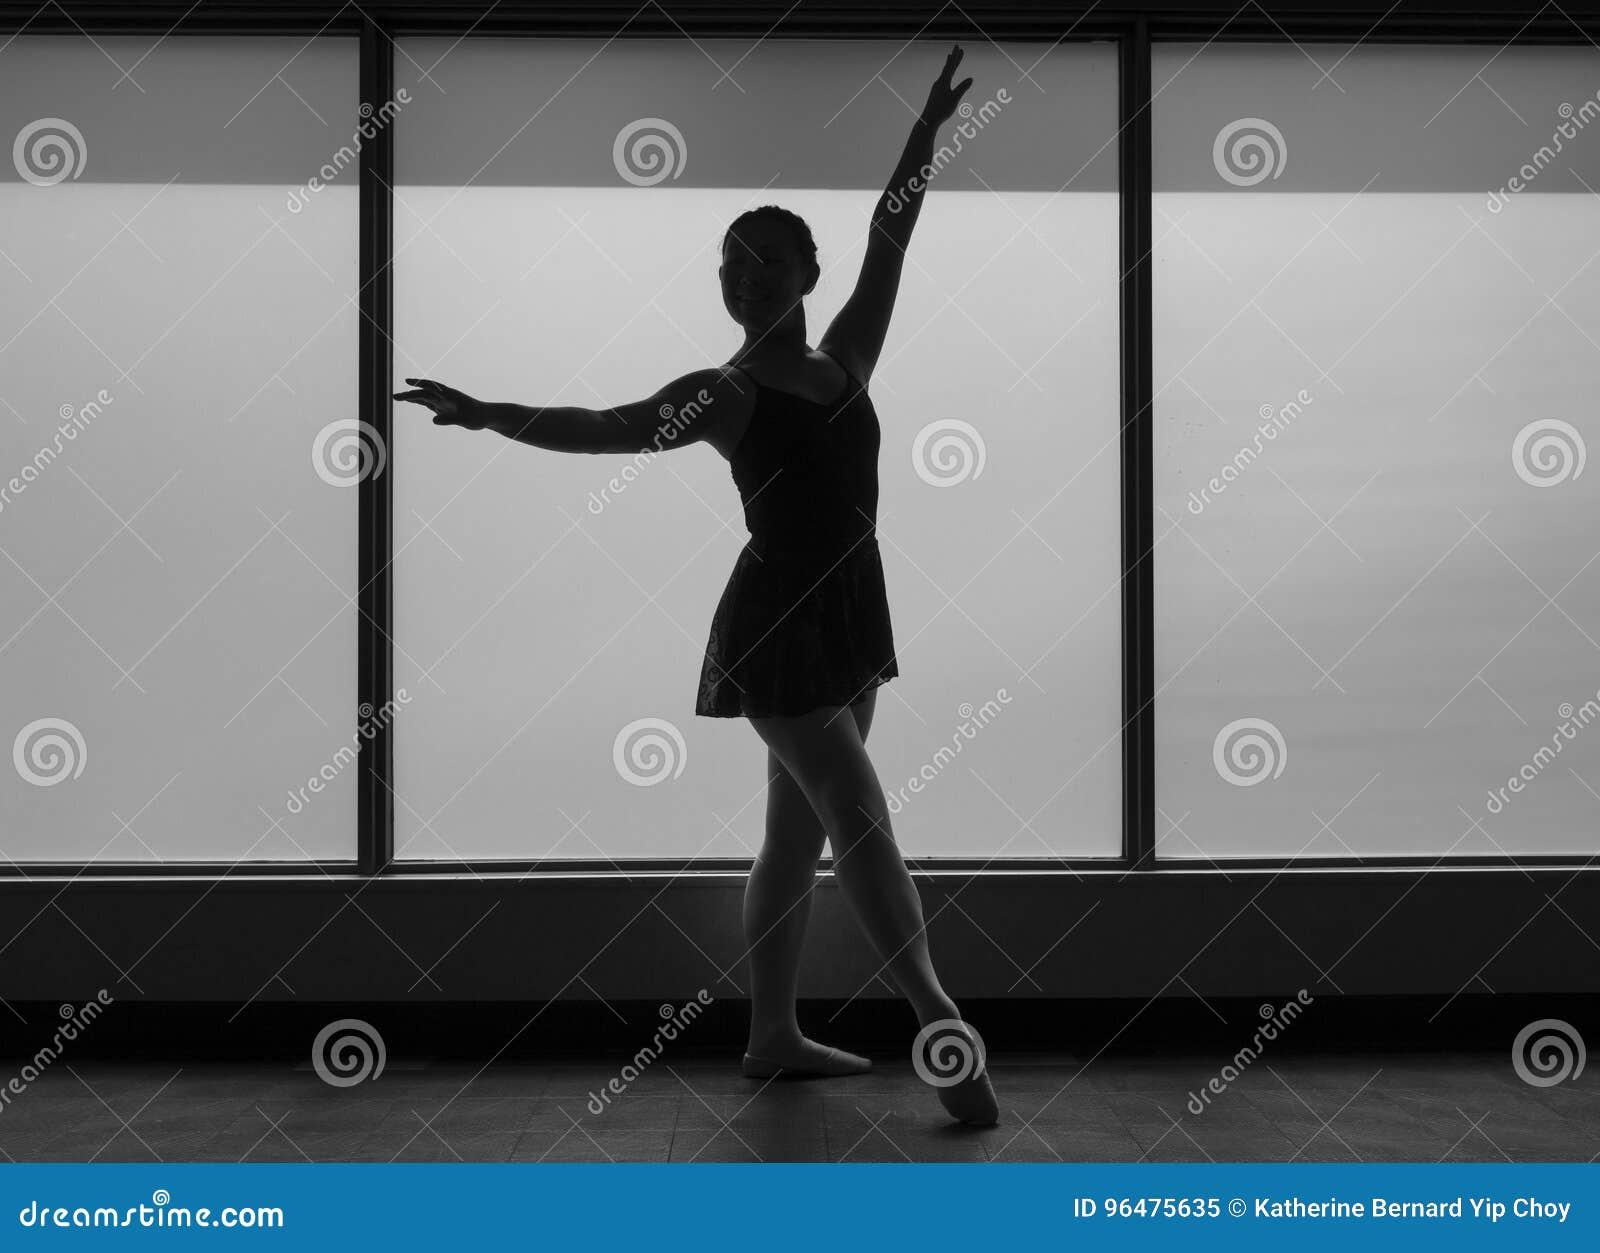 Versión Blanco Y Negro Del Bailarín De Ballet Silhouette En Un Marco ...